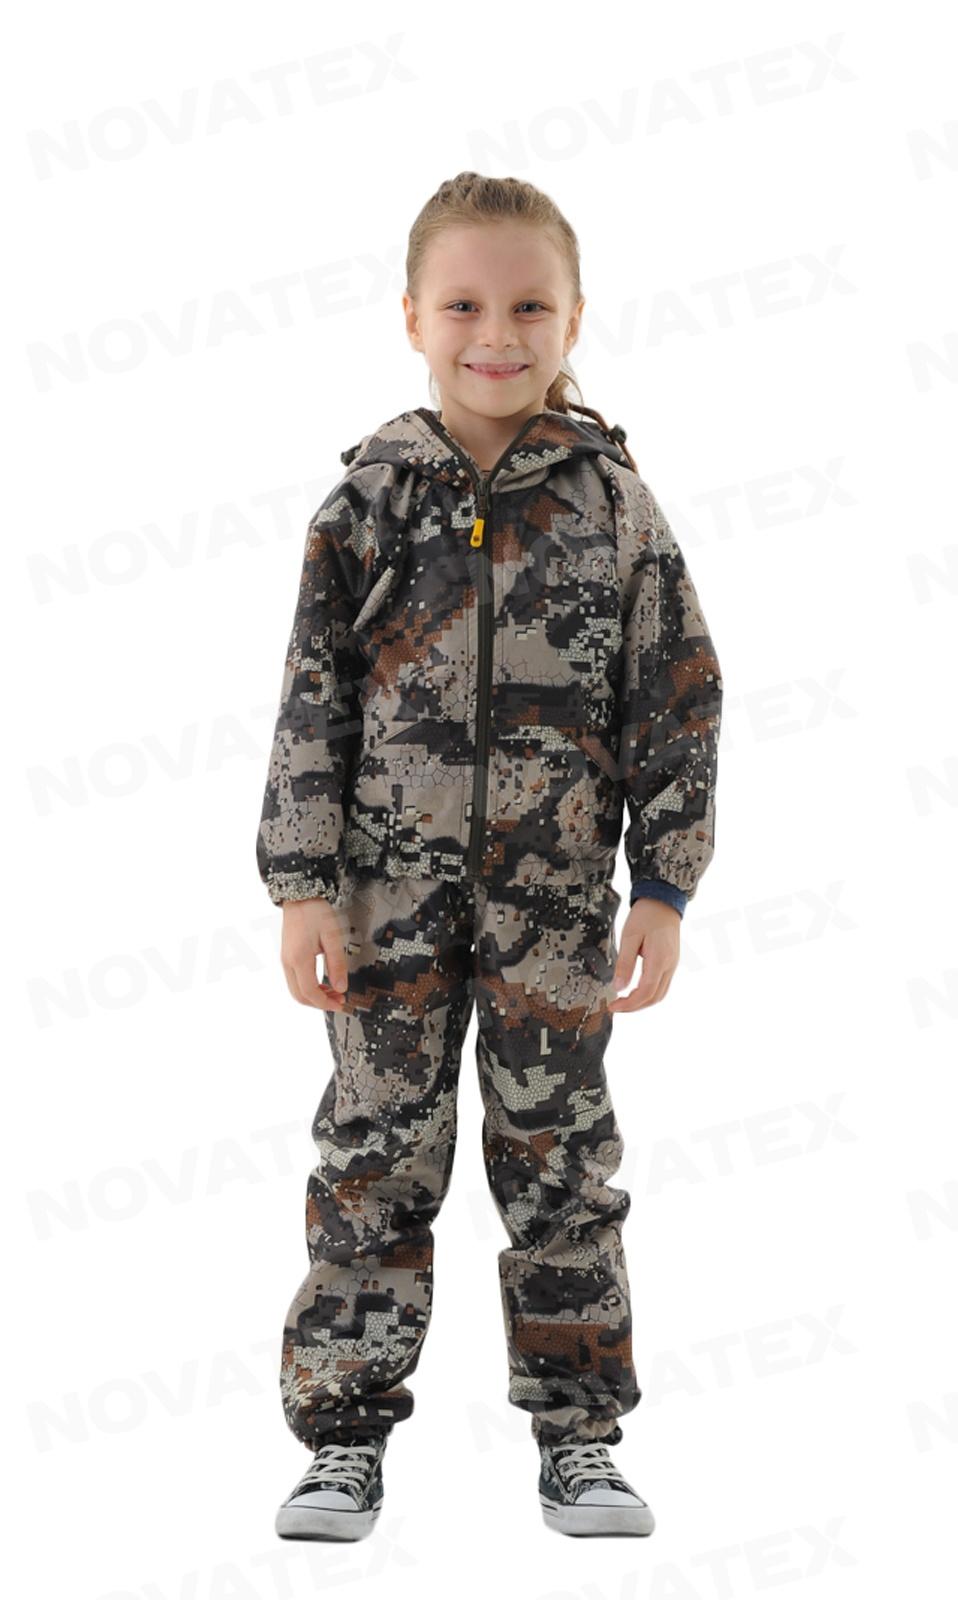 Костюм «Грибник» (оксфорд, лес) детский Костюмы неутепленные<br>Летний костюм «Грибник» (ТМ «Квест») от <br>компании Novatex. Этот костюм является ярким <br>представителем ветро-влагозащитных костюмов. <br>Костюм изготовлен из ткани «Оксфорд», которая <br>не промокает и обладает грязезащитными <br>свойствами. Любое загрязнение очень просто <br>и быстро удаляется с такой ткани. Если вы <br>собрались в лес за грибами, а синоптики <br>пугают возможными дождями — не переживайте! <br>Вам достаточно надеть костюм «Грибник» <br>и не бояться мокрой погоды!<br><br>Пол: унисекс<br>Рост: 122-128<br>Сезон: лето<br>Цвет: зеленый